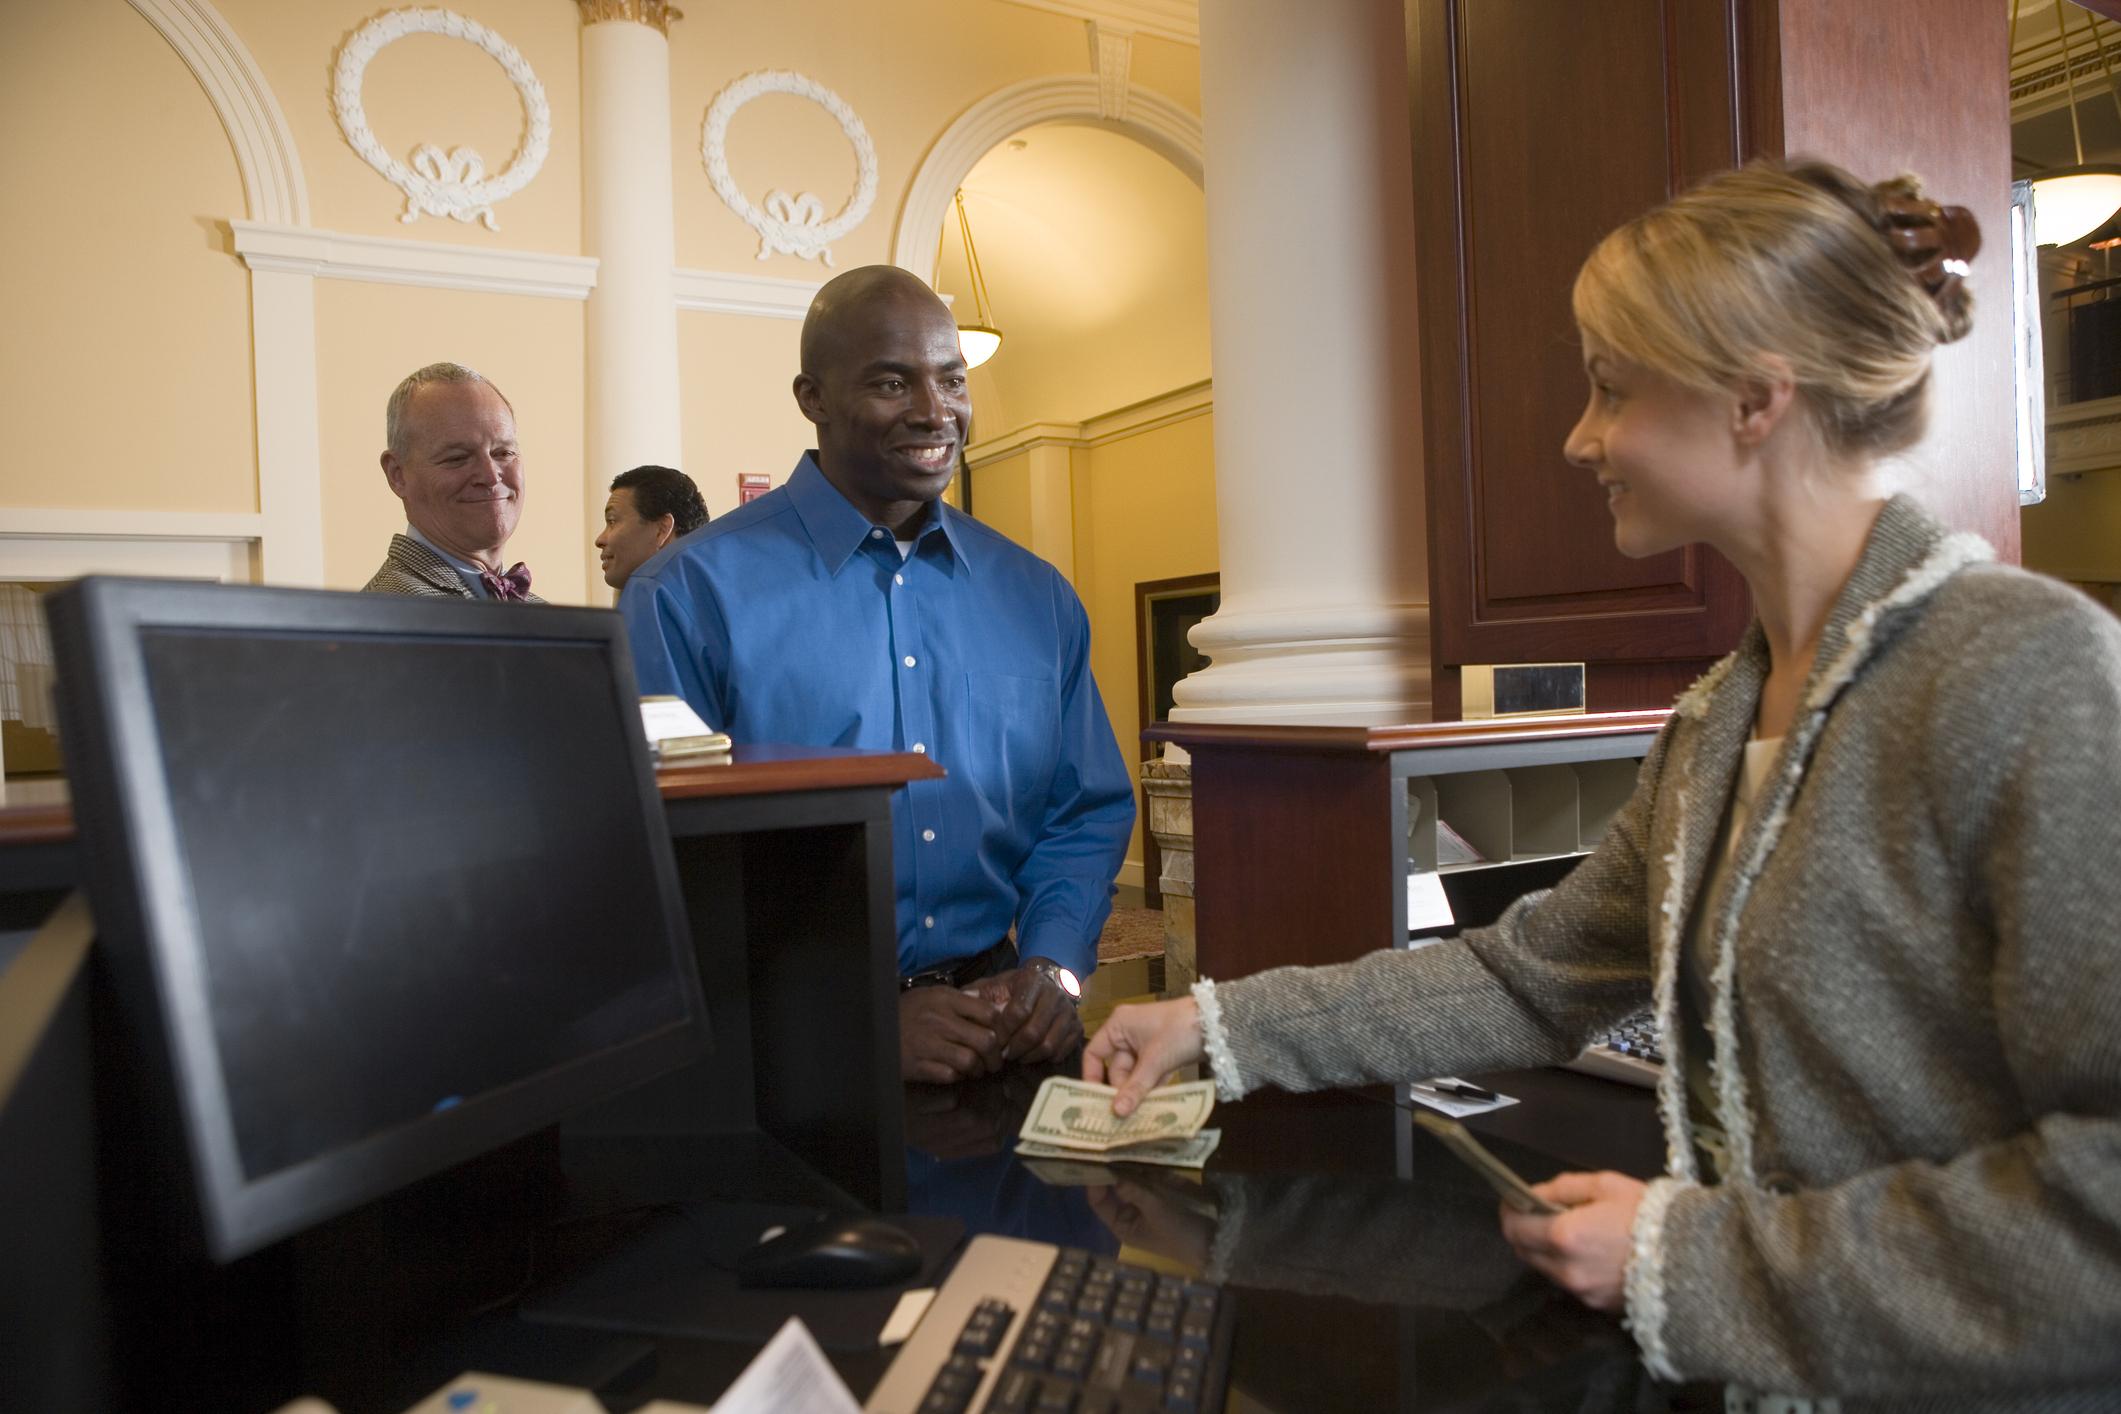 A bank teller handing money to a customer.